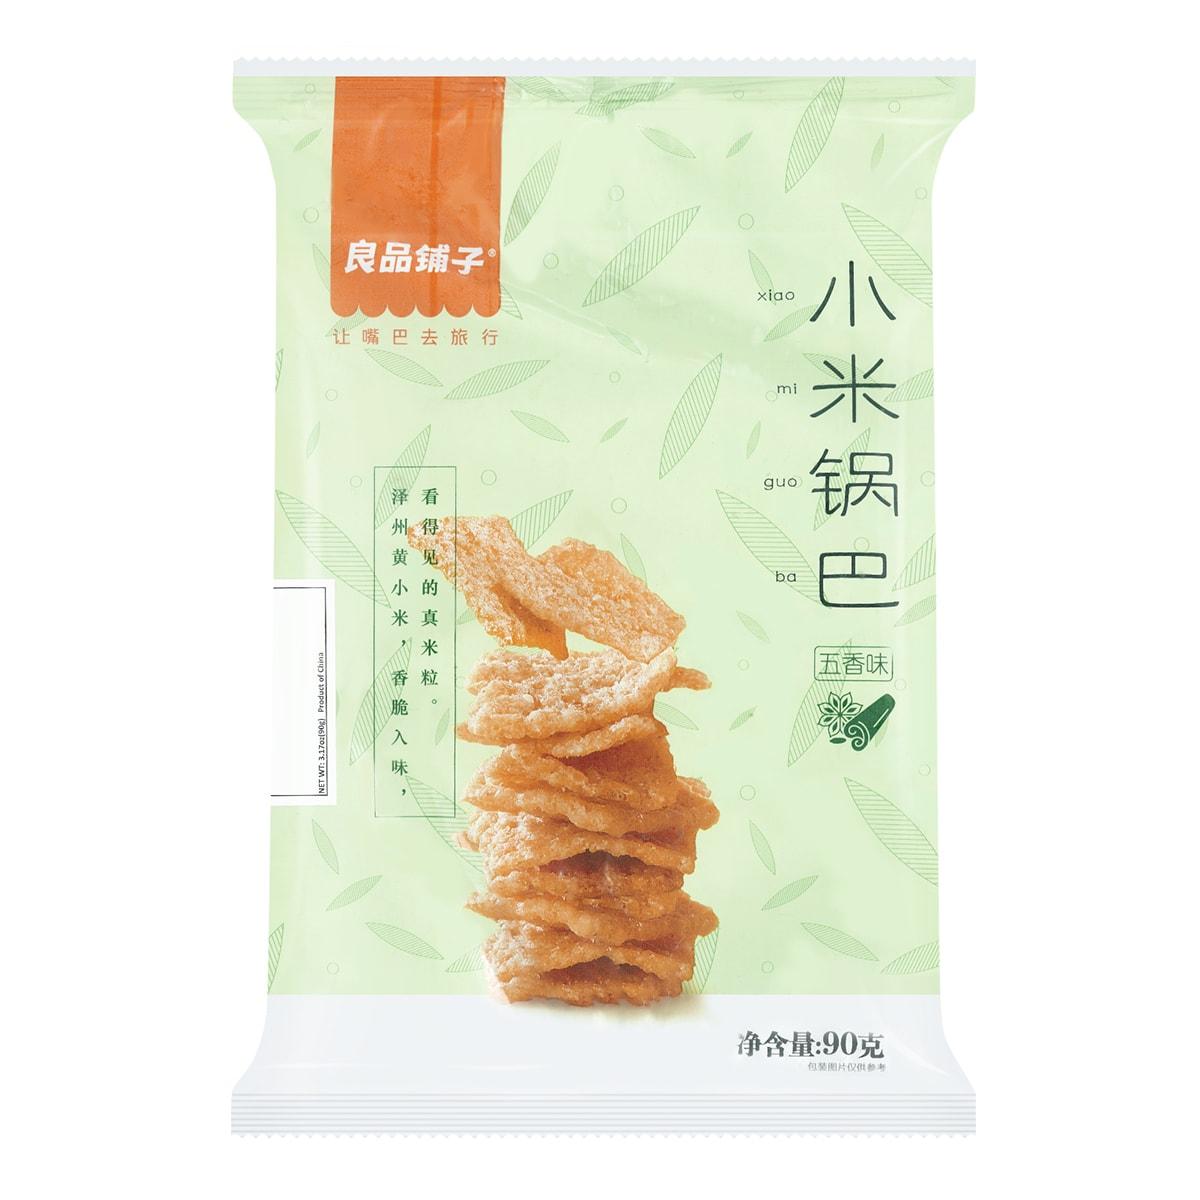 良品铺子 小米锅巴 五香味 90g